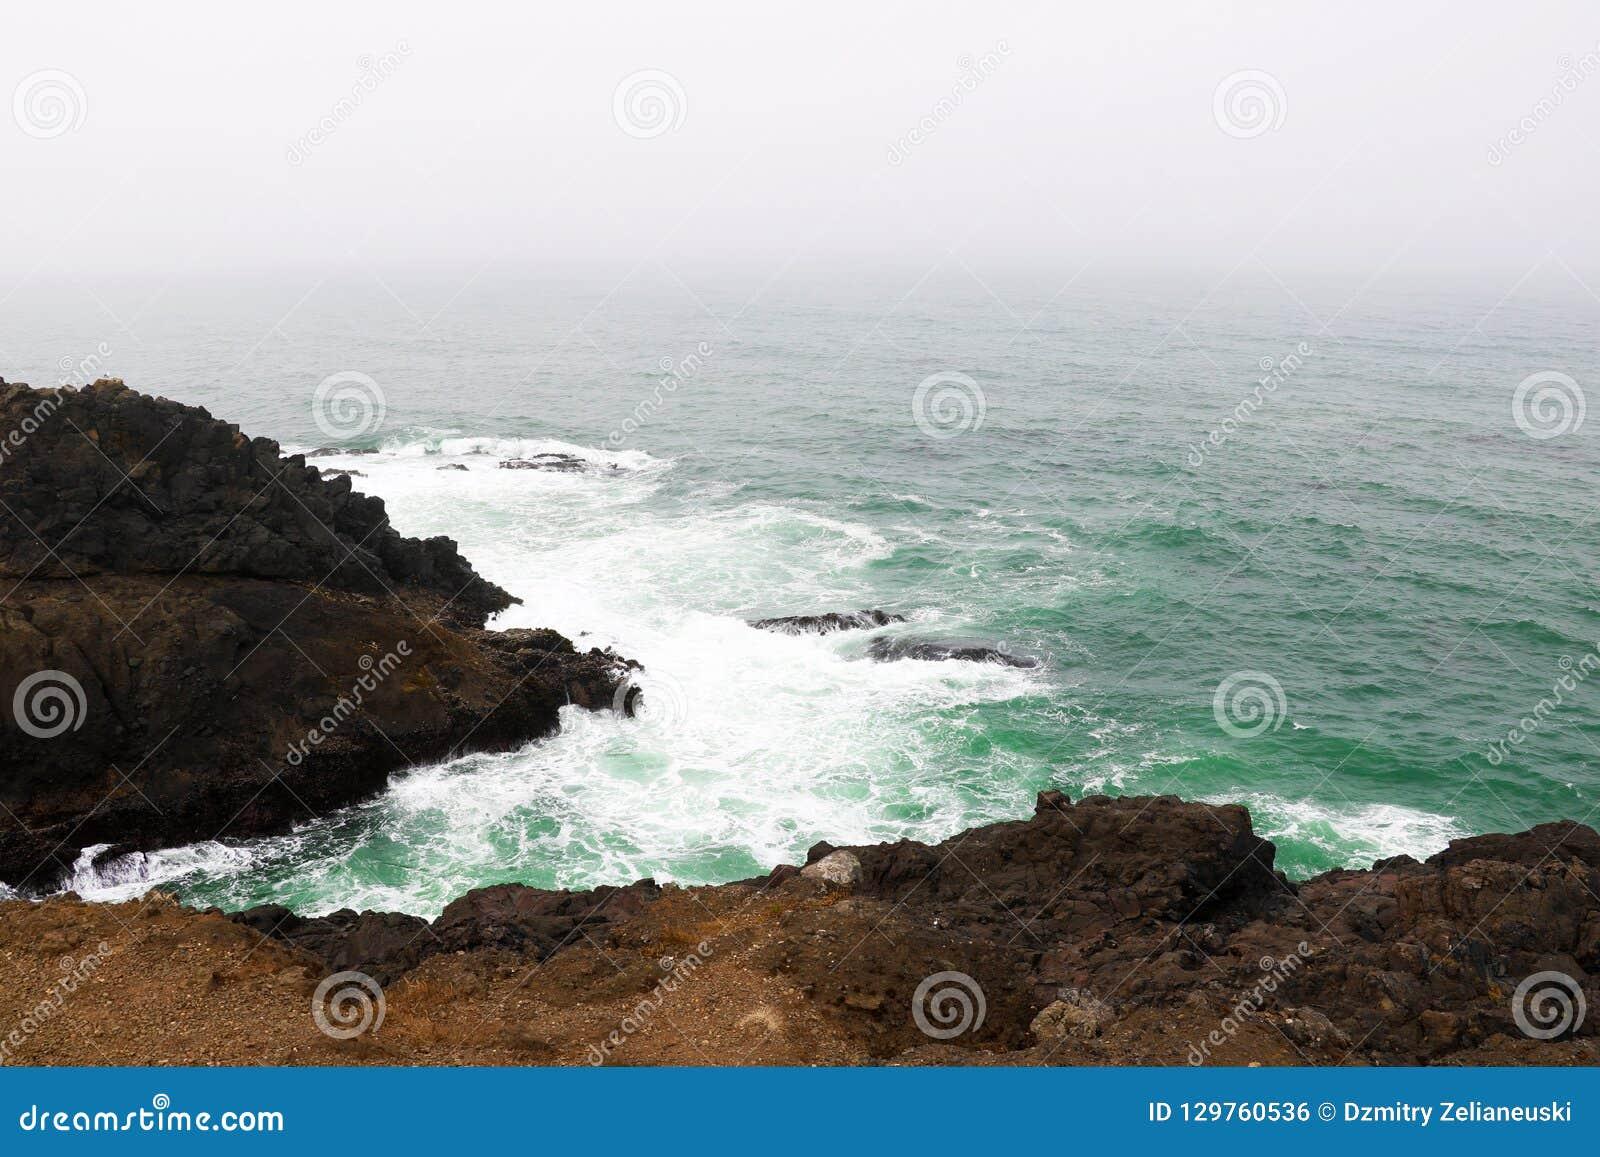 Тихий океан фунт к скалистому побережью северной калифорния